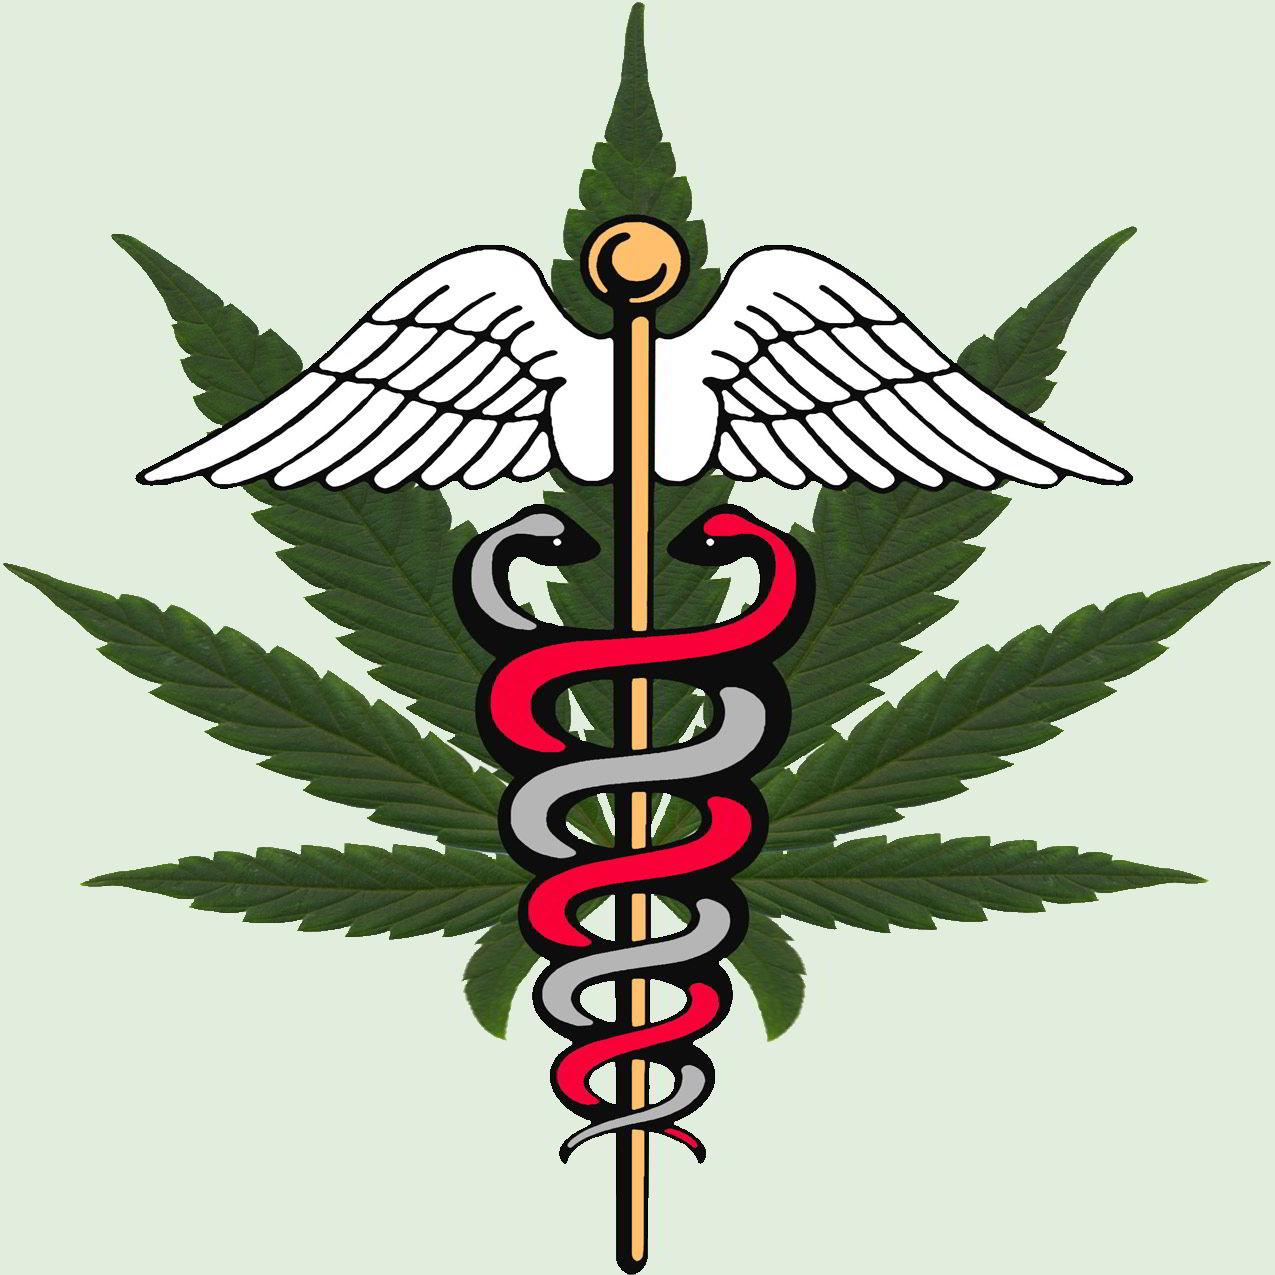 studi sulla marijuana medica per il cancro alla prostata e altri tumori